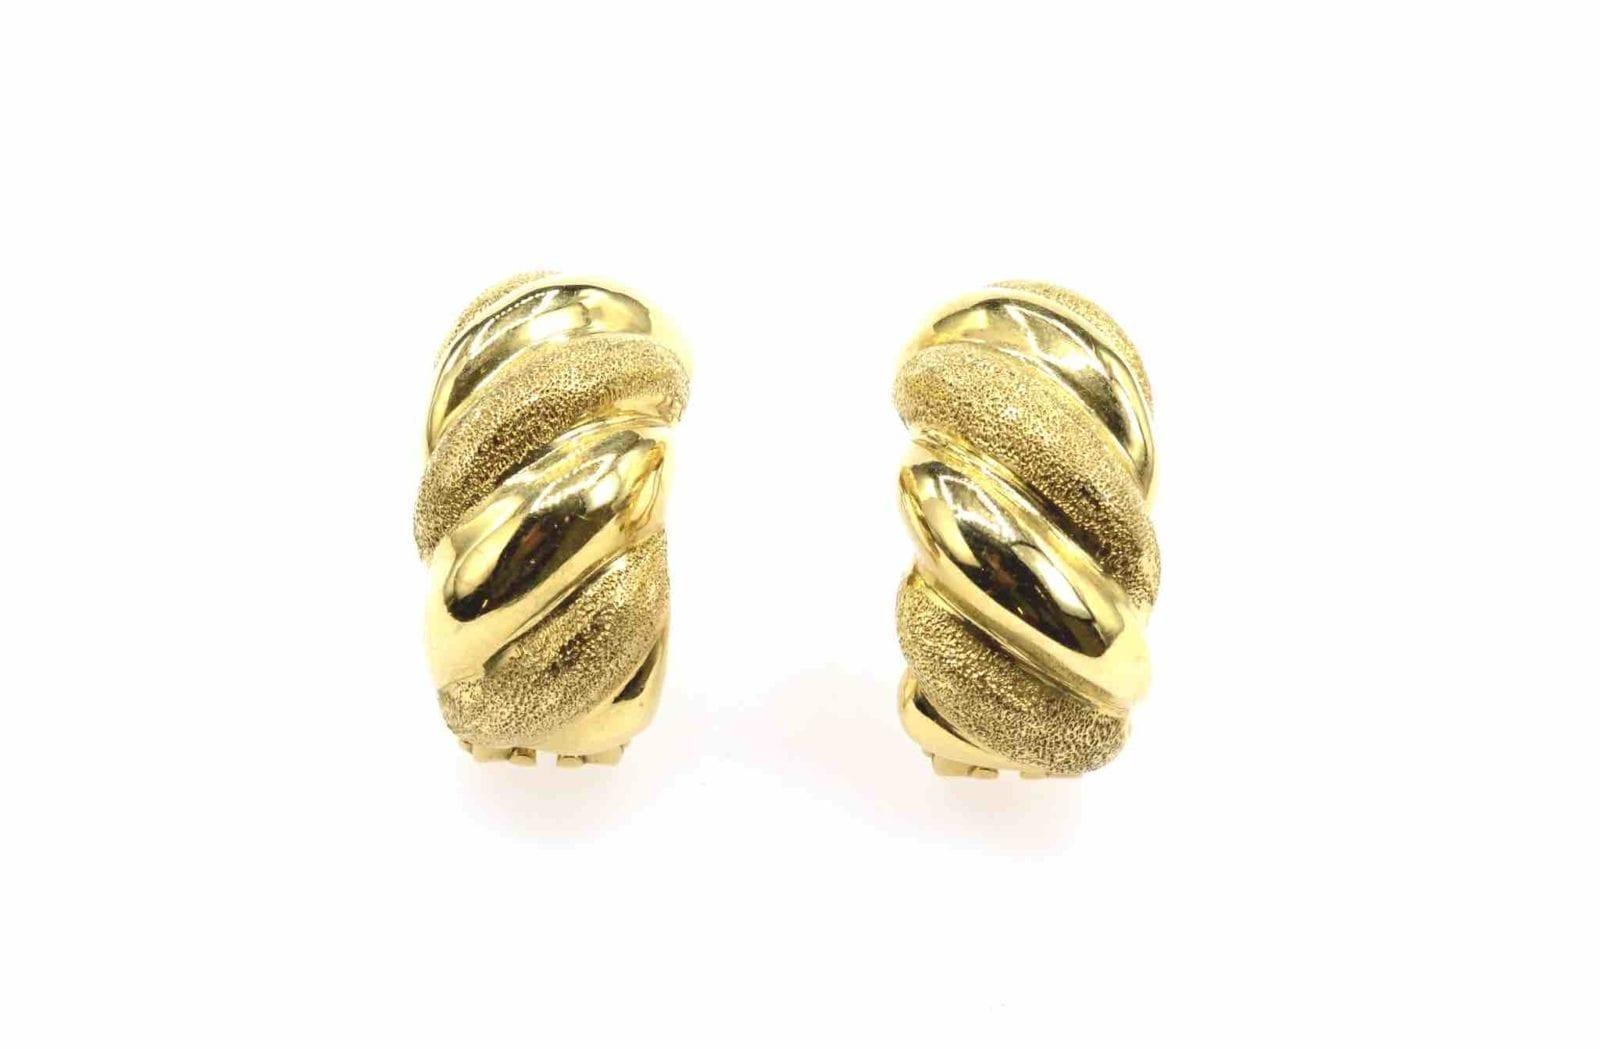 Boucles d'oreilles en or 18k d'occasion